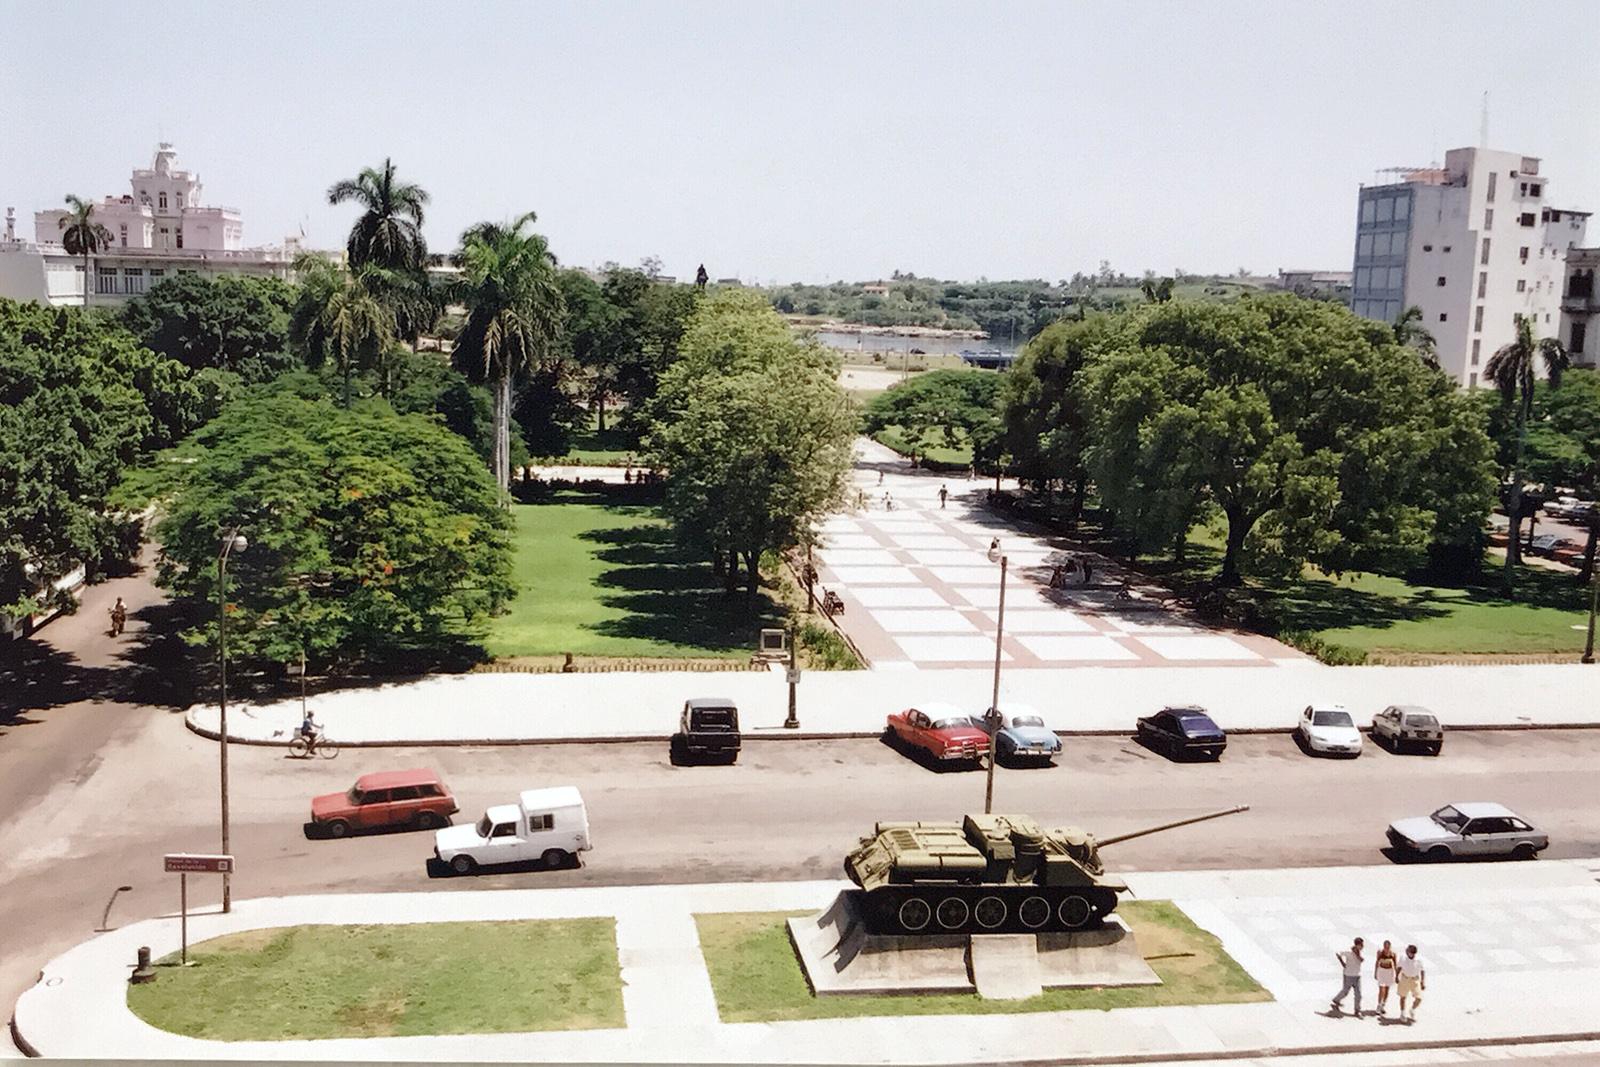 View over Havana, Cuba 2000 © Tanya Clarke